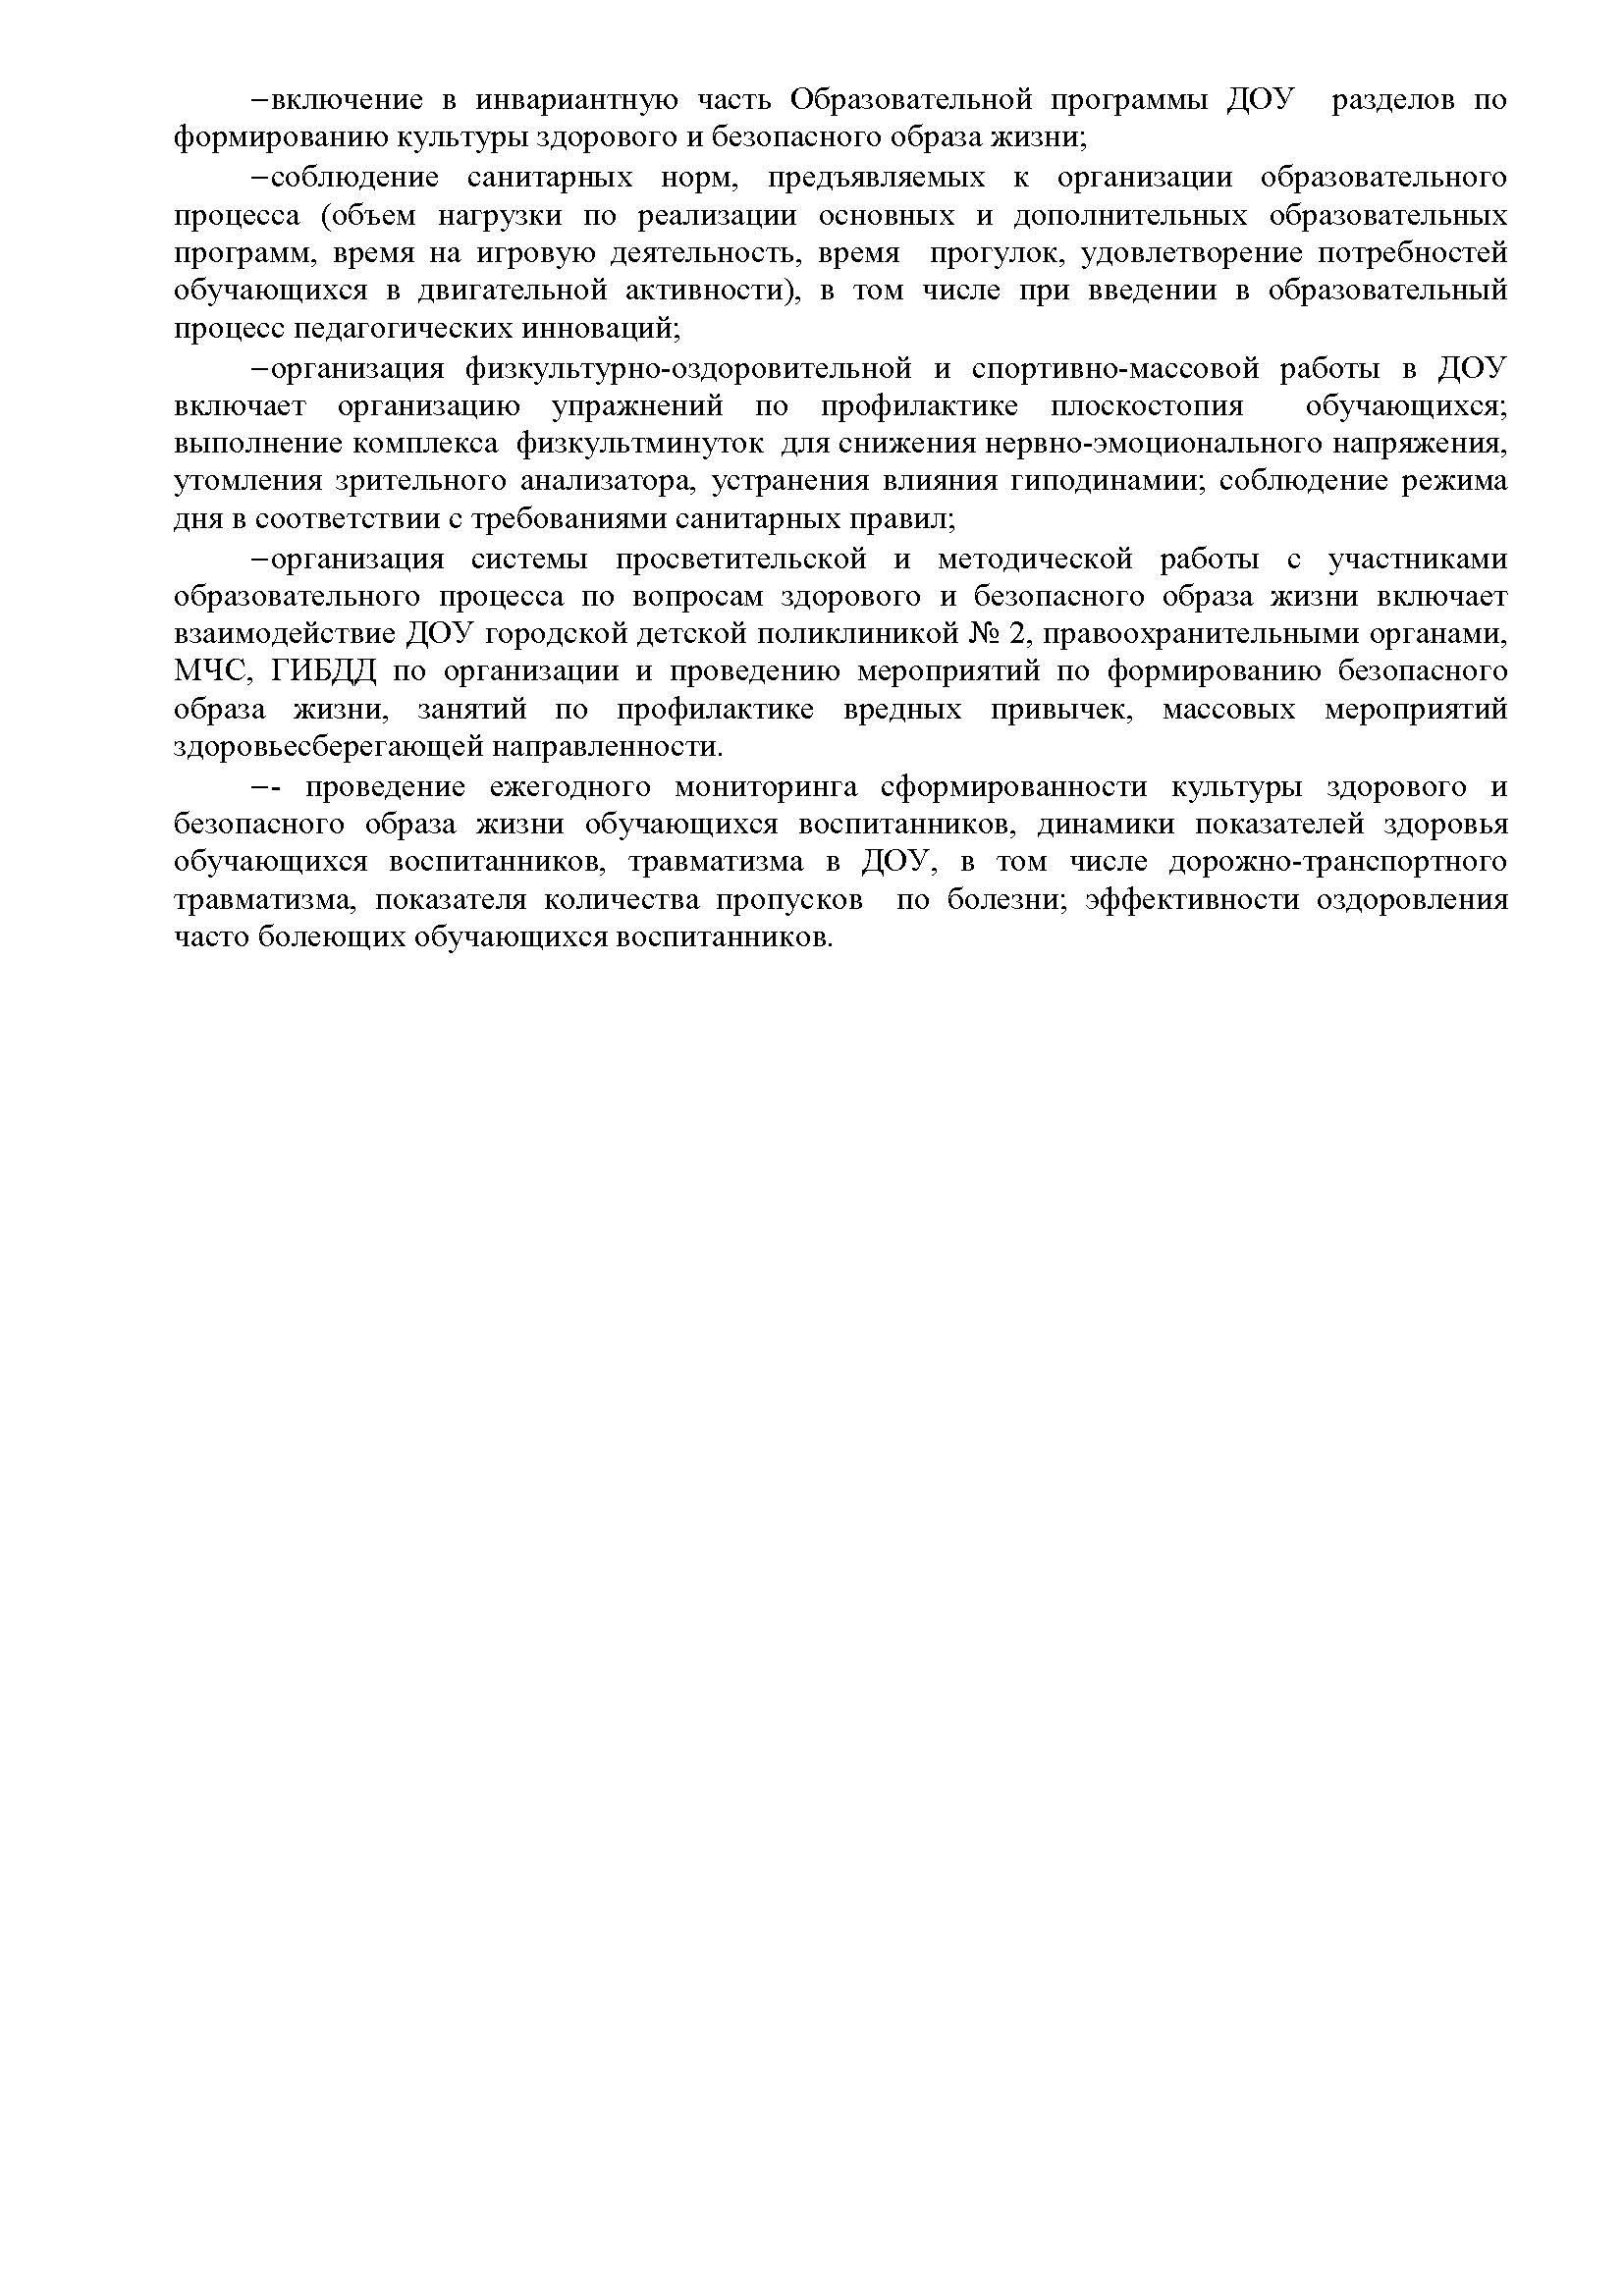 Условия питания и охраны здоровья обучающихся_Страница_4